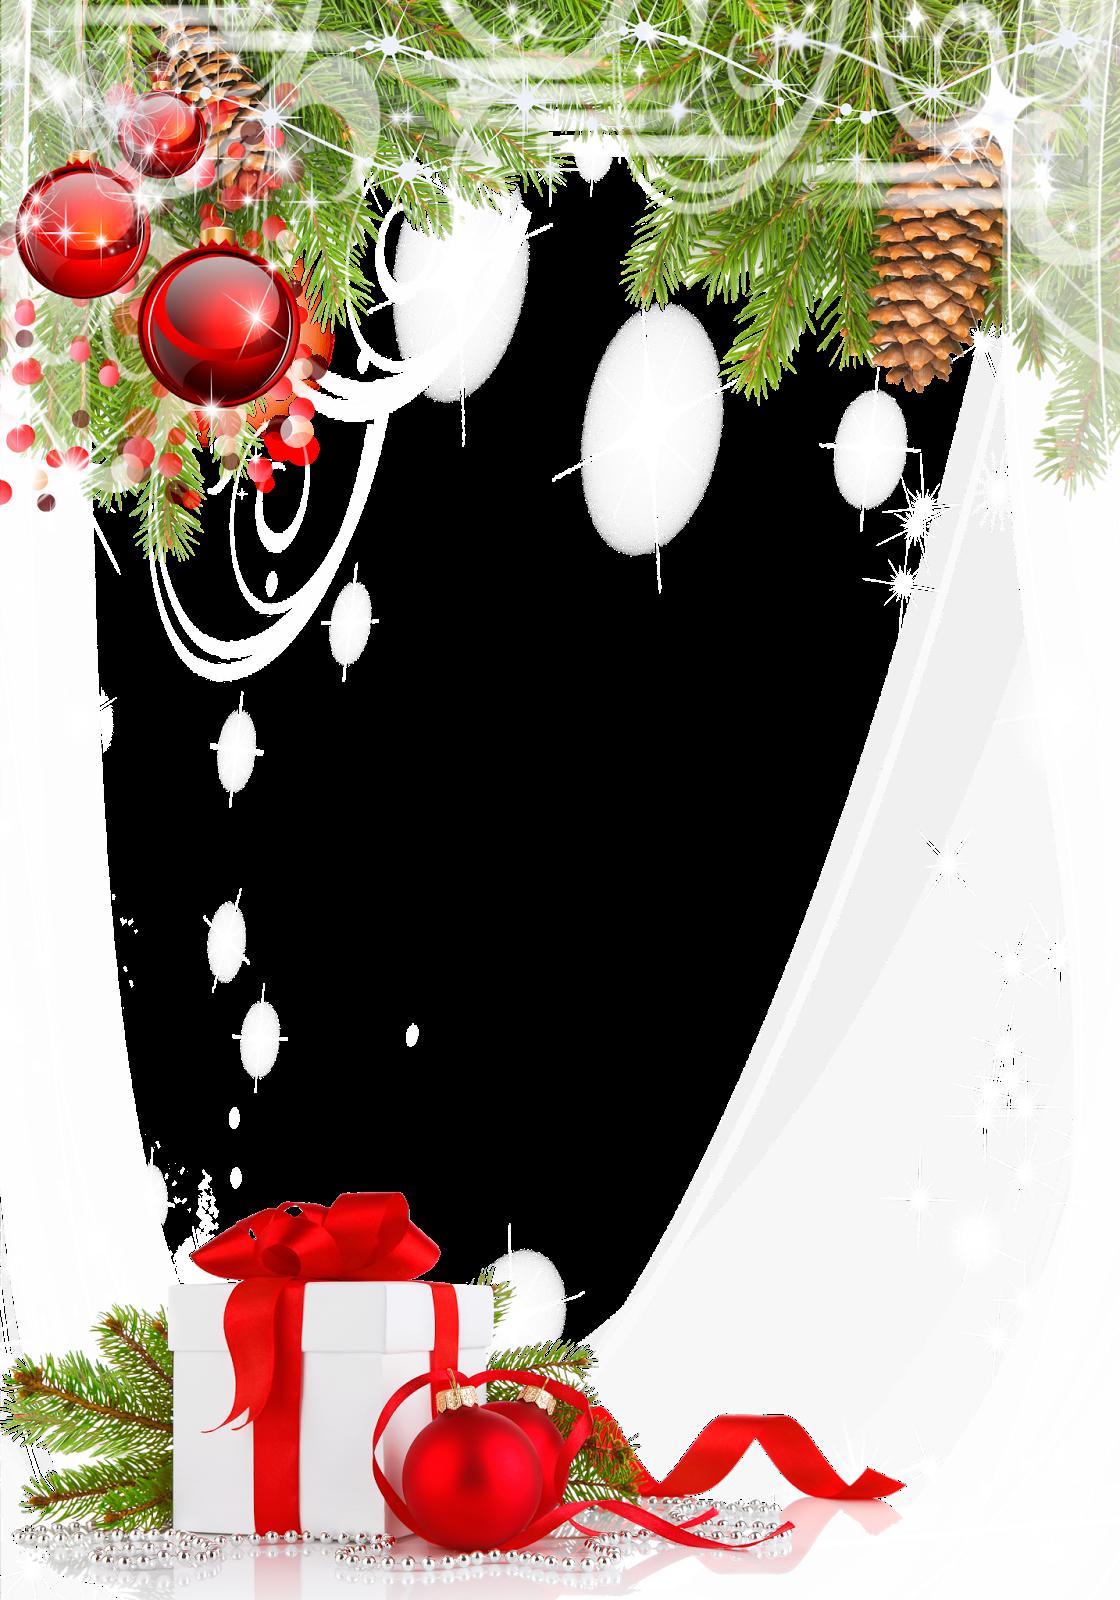 Imagenes navide as marcos de navidad - Marcos navidad fotos ...